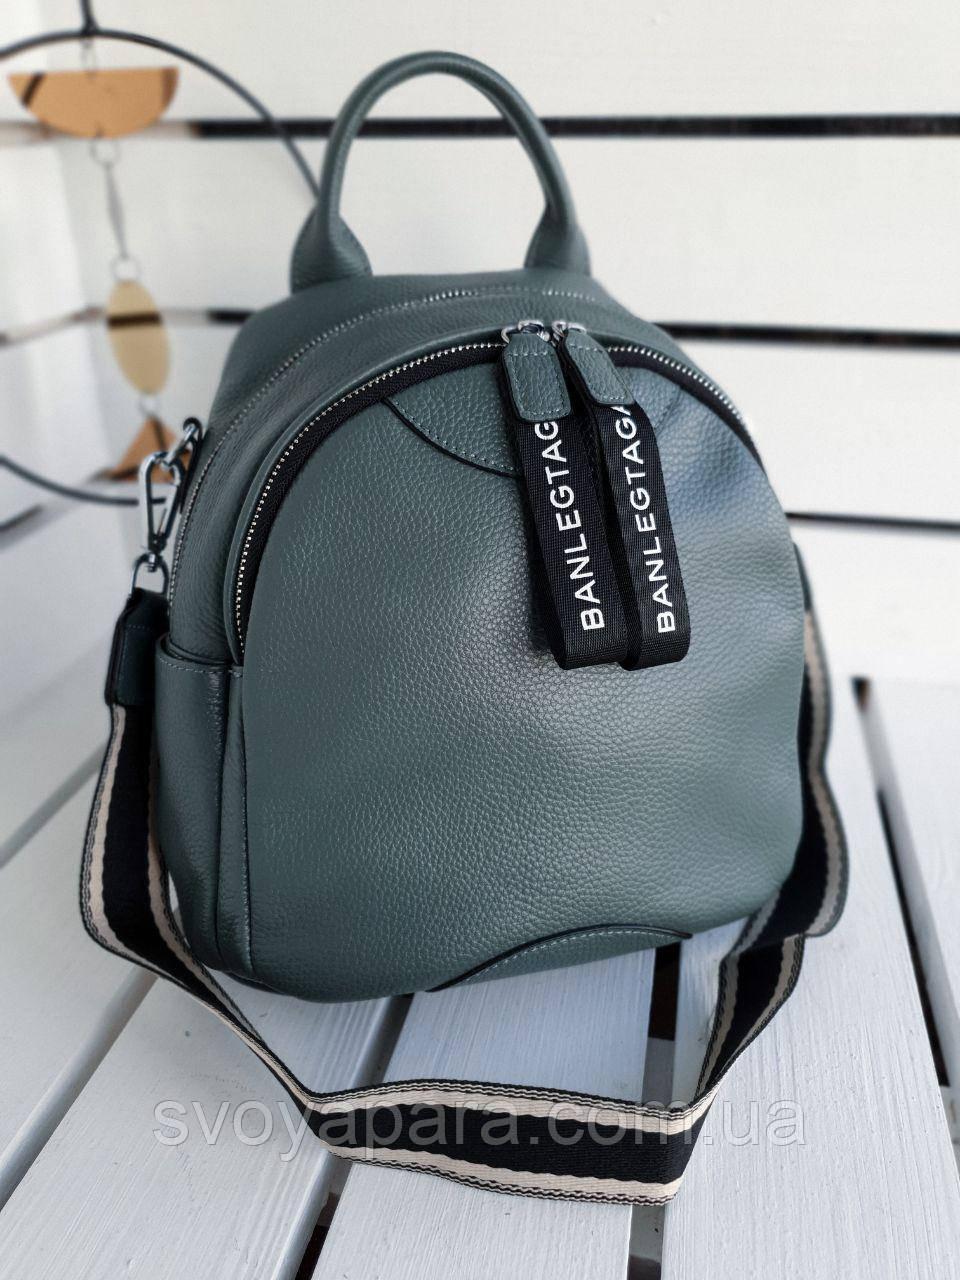 Кожаный женский рюкзак размером 25х25х13 см Черный (01281)